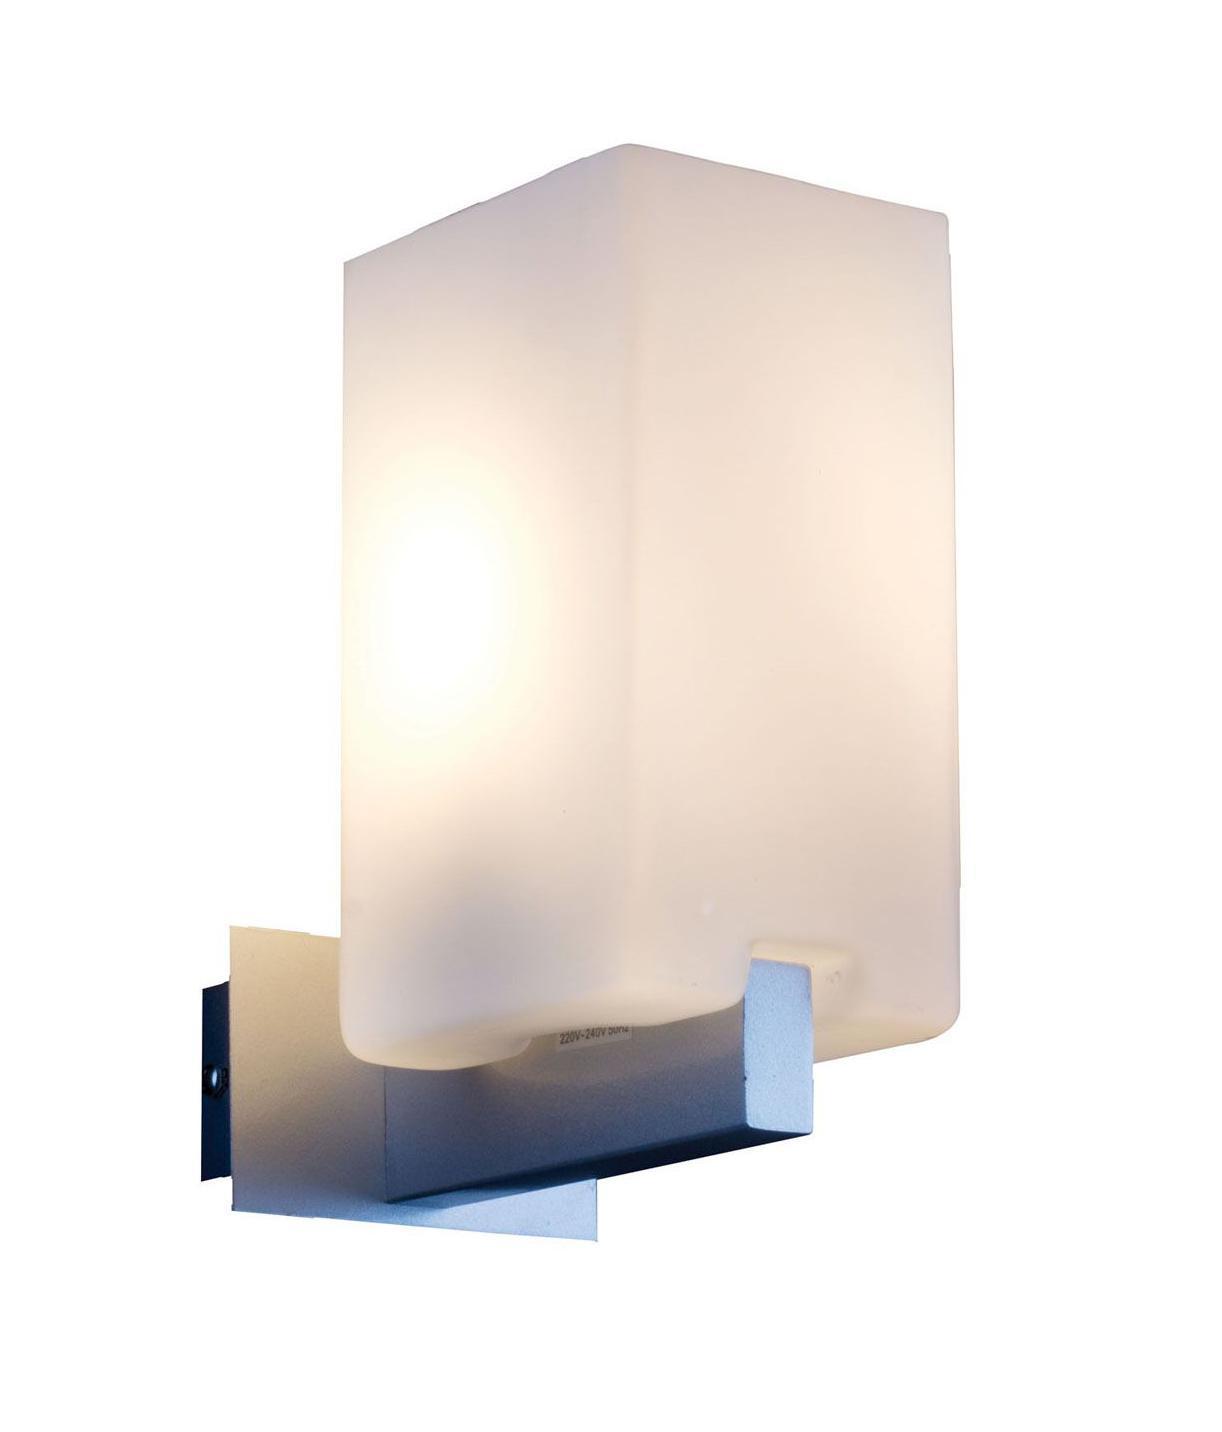 Светильник настенный ST Luce. SL541.101.01SL541.101.01Бра SL541.101.01 - поможет создать в вашем доме атмосферу уюта и комфорта. Благодаря высококачественным материалам она практична в использовании и отлично работает на протяжении долгого периода времени. Эта модель без мерцания распространяет свет и не вредит вашим глазам.